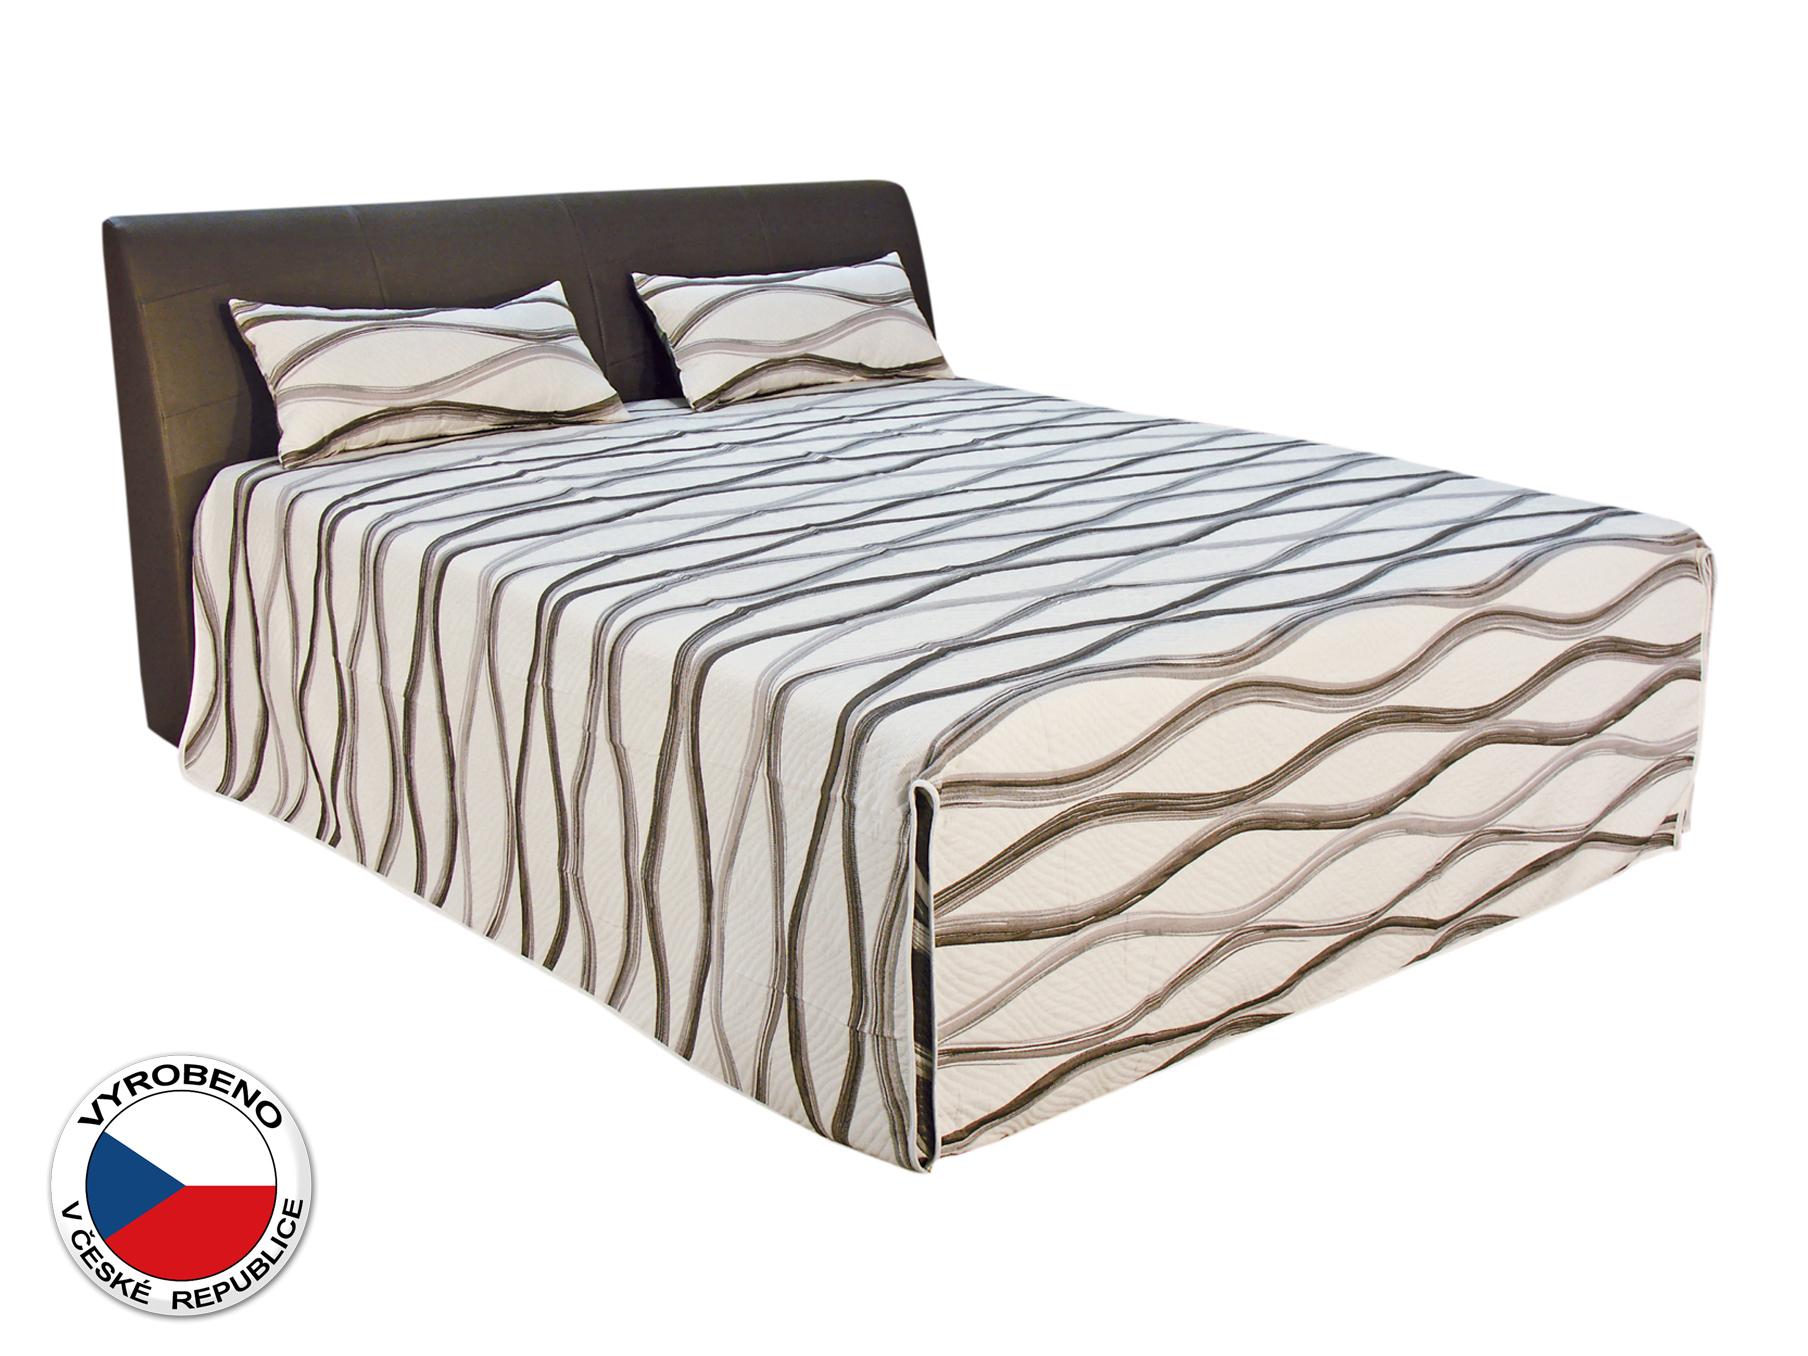 Manželská postel 180 cm - Blanář - Merkur (bílá + hnědá) (s rošty a matracemi Nelly Plus)